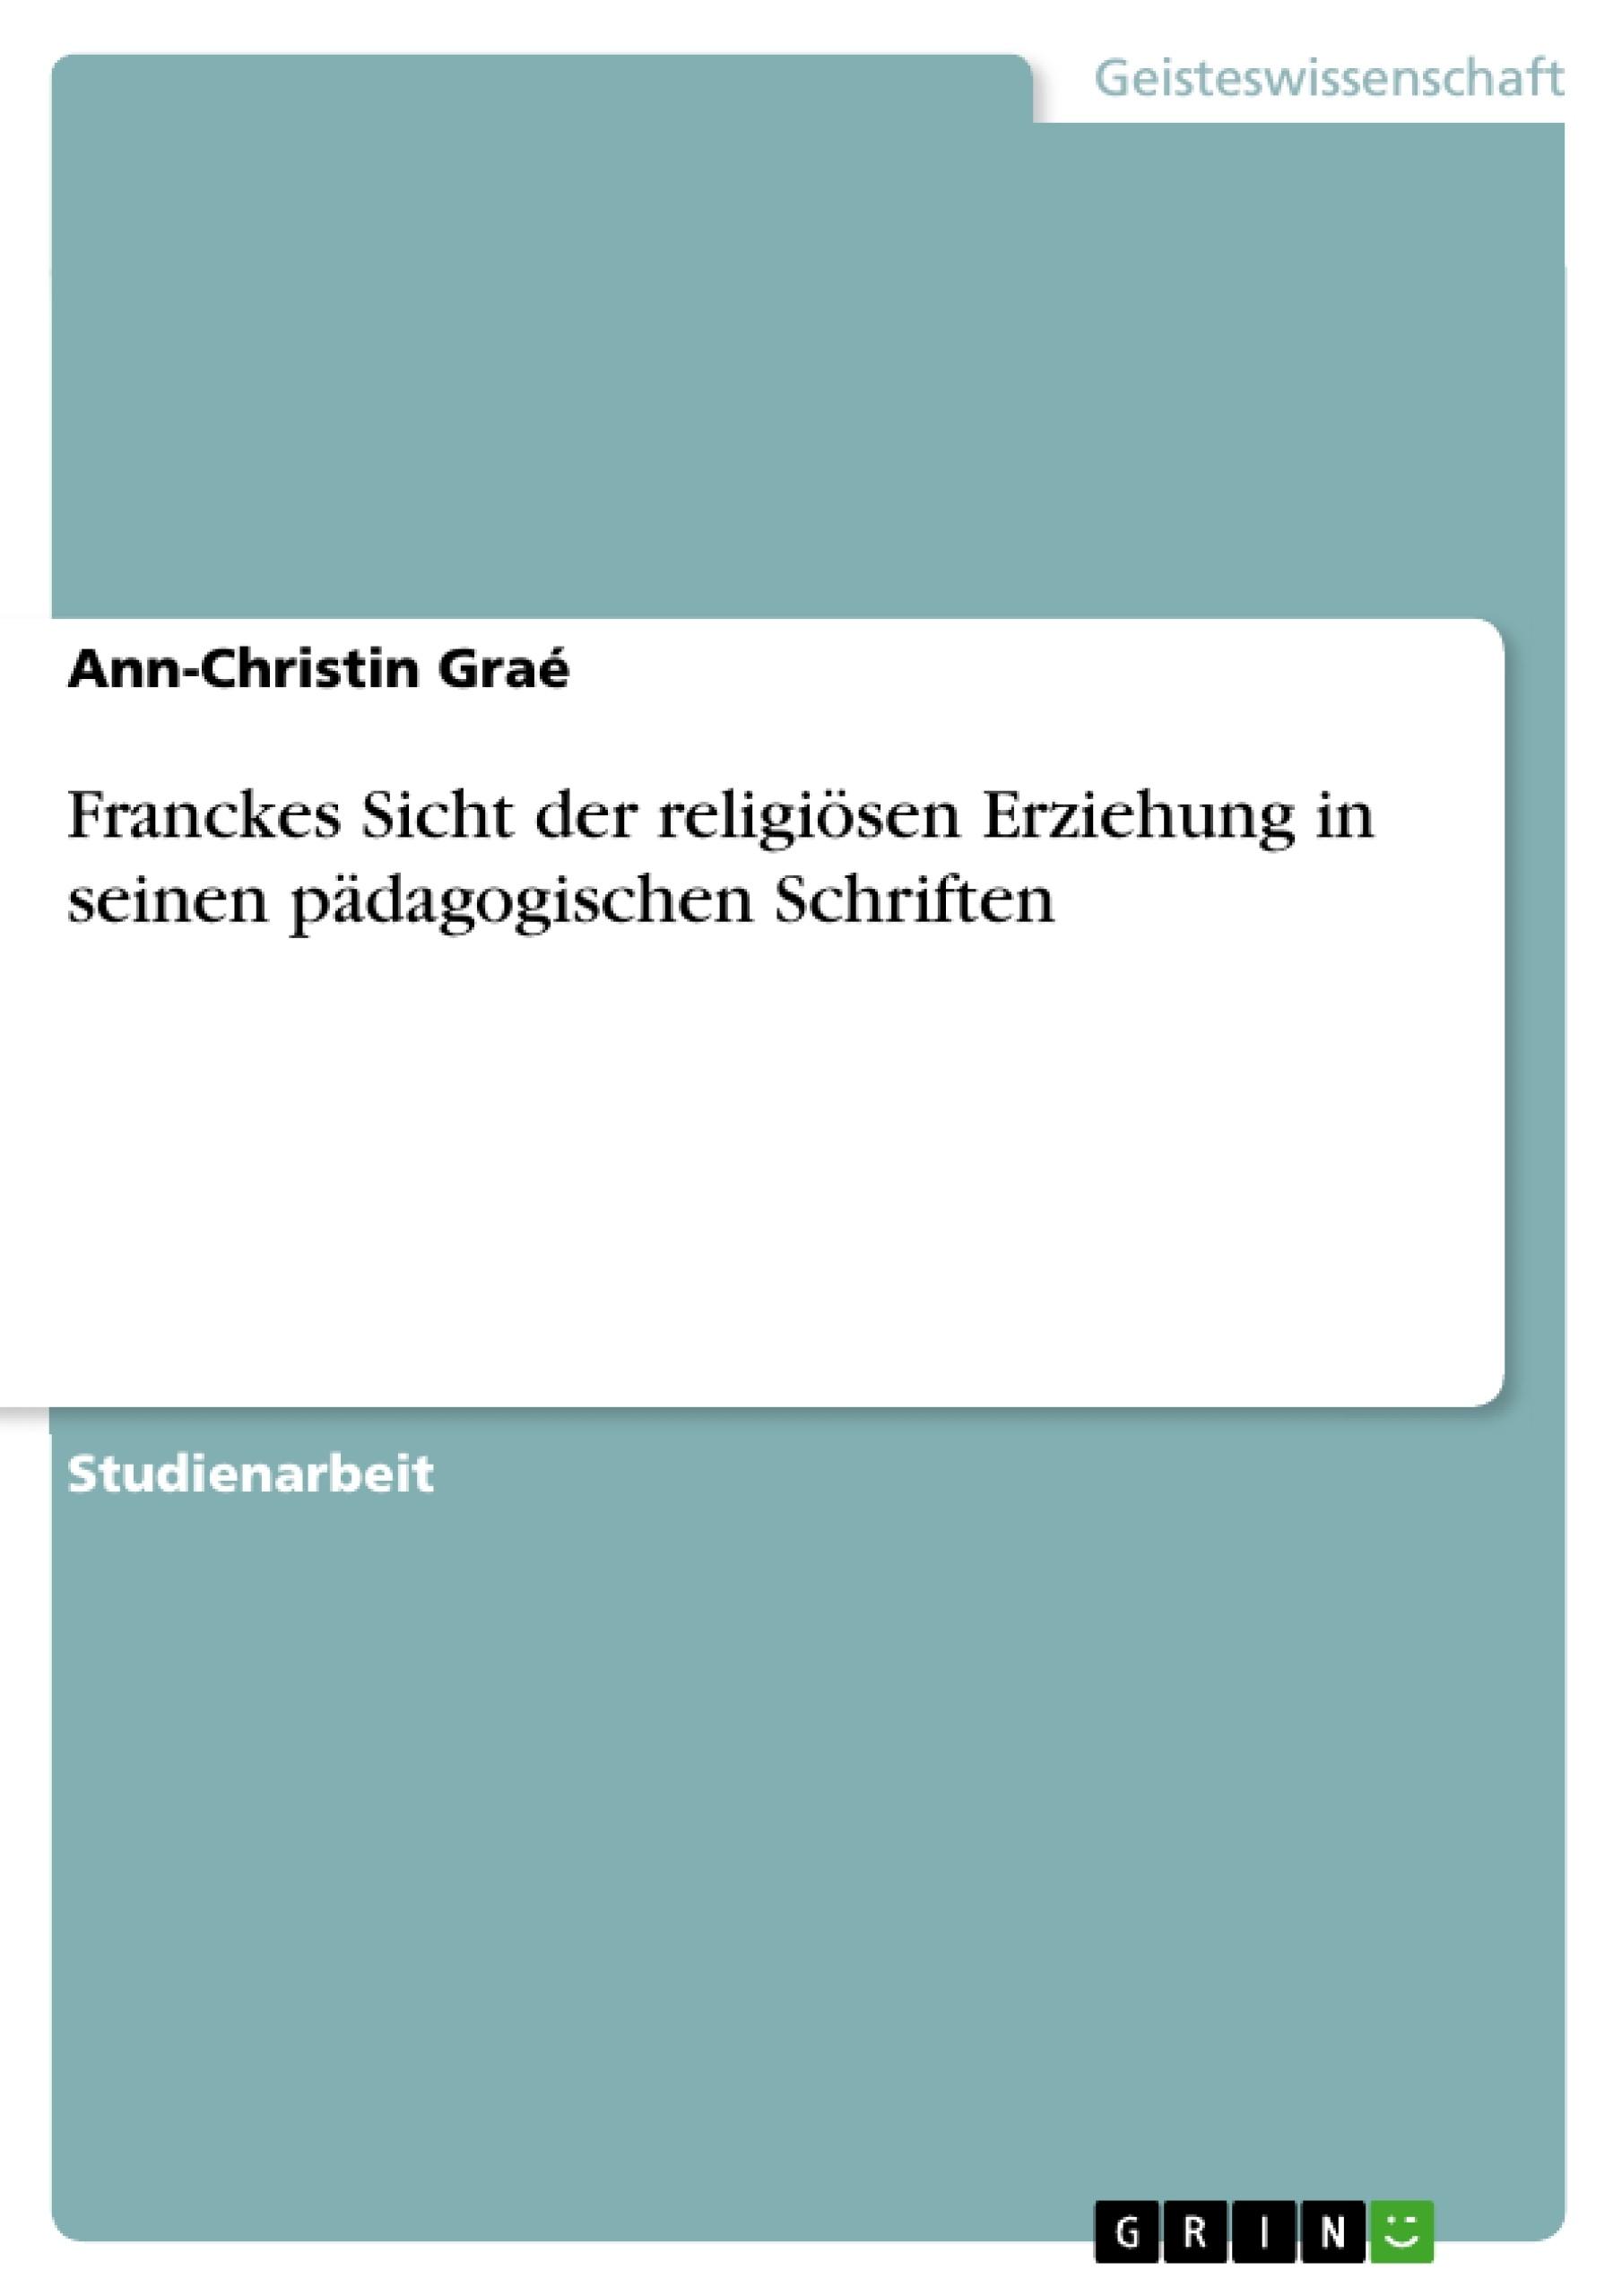 Titel: Franckes Sicht der religiösen Erziehung in seinen pädagogischen Schriften